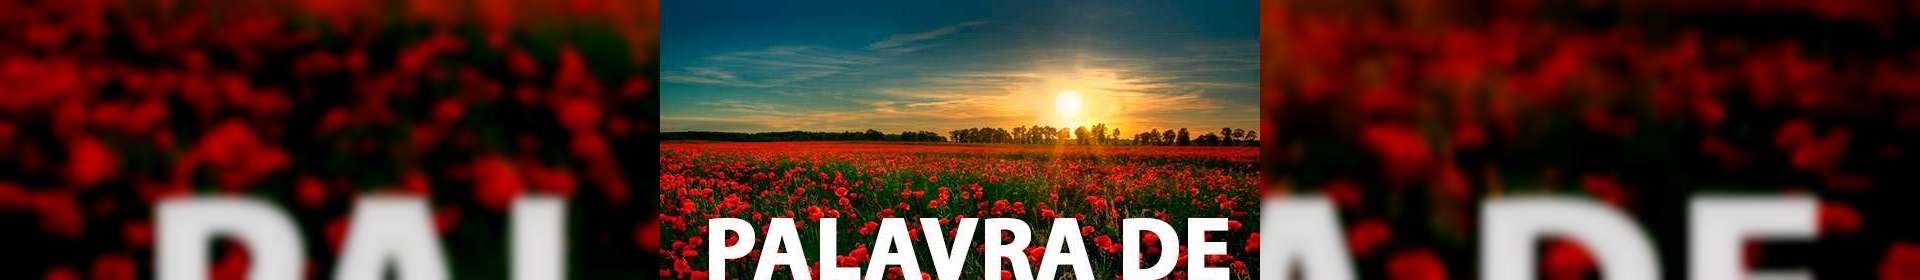 Salmos 34:4 - Uma Palavra de Esperança para sua vida